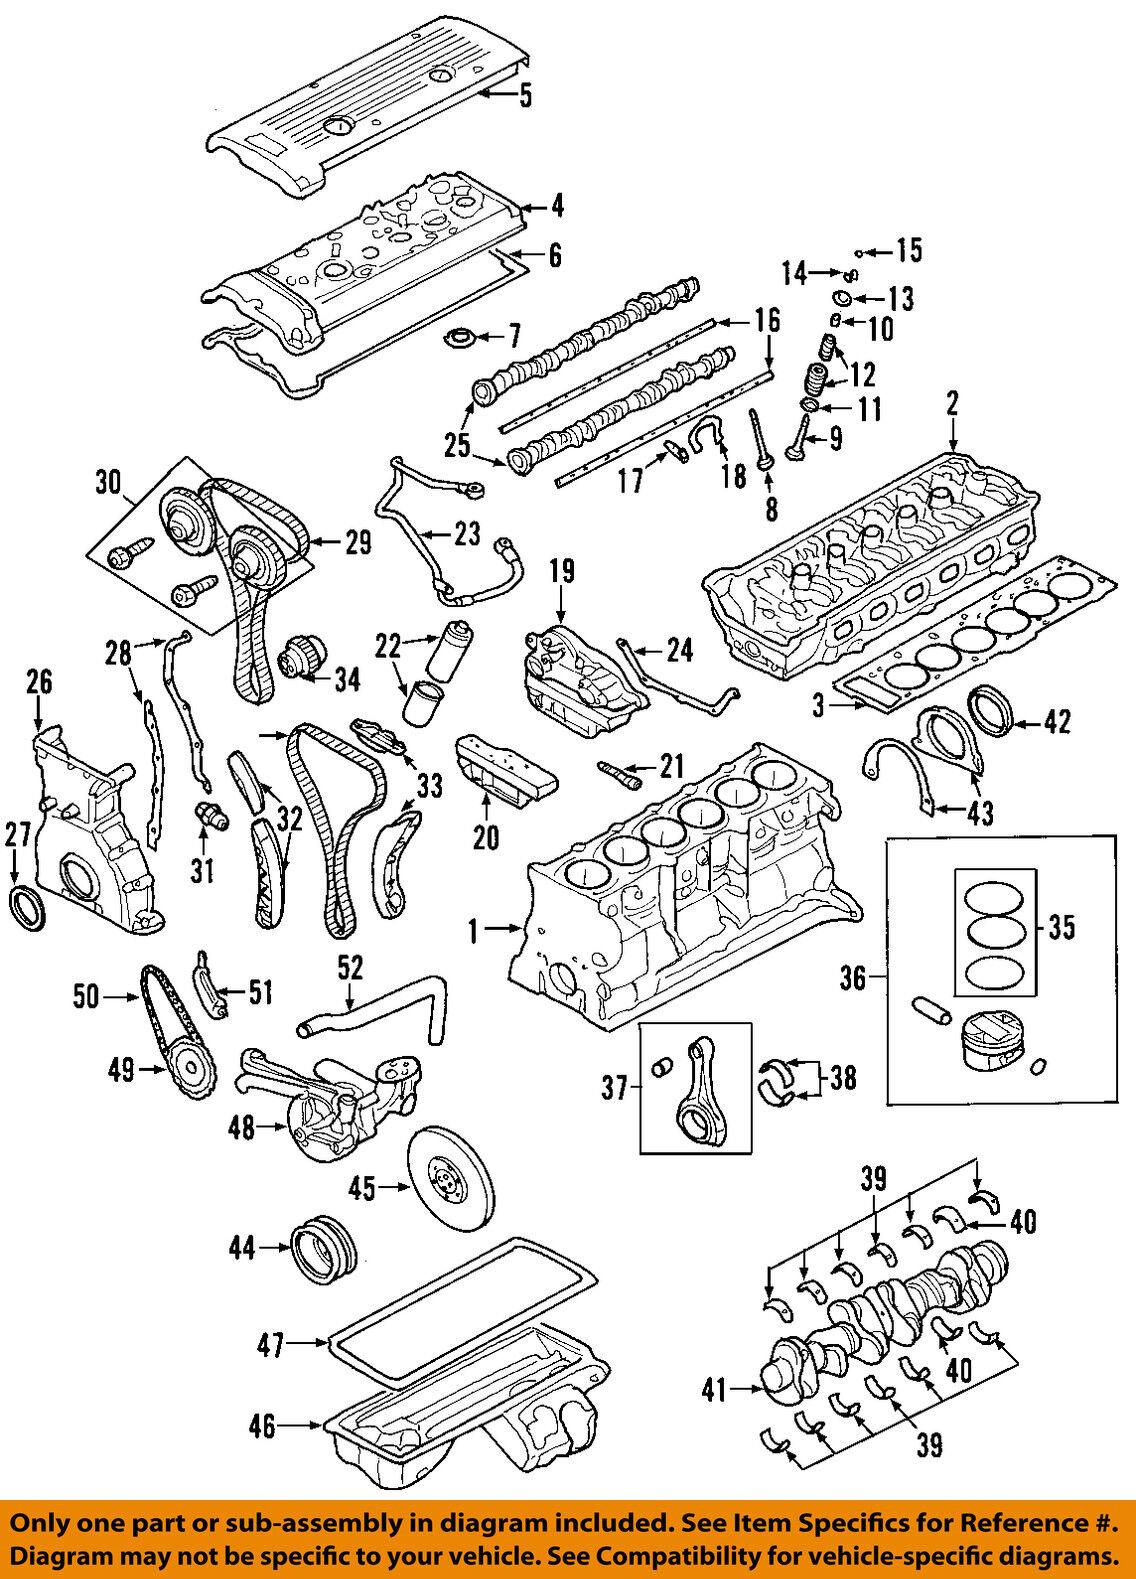 e36 m3 engine diagram wiring library diagram bmw e36 325i engine wiring diagram bmw m3 engine diagram 12 3 gesundheitspraxis muelhoff de \\u2022 e36 motor e36 m3 engine diagram